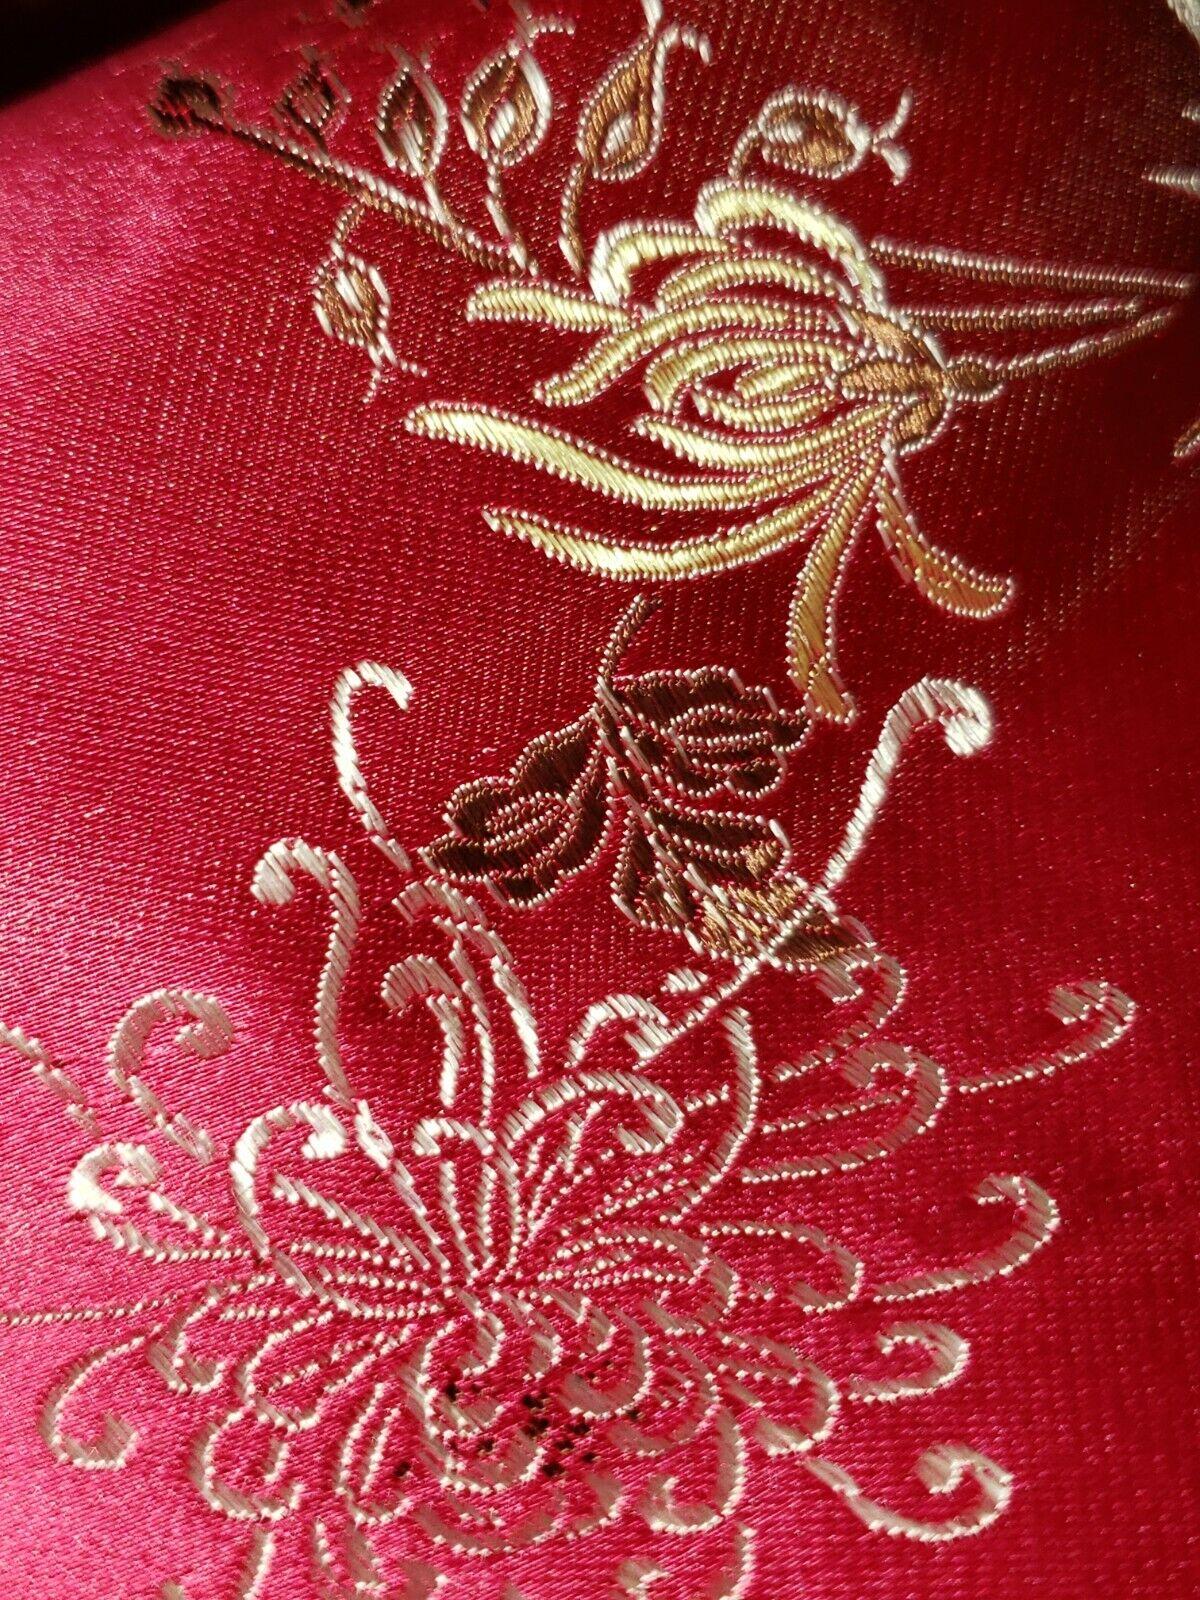 Qipao Long Sleeve Top Brocade - image 11